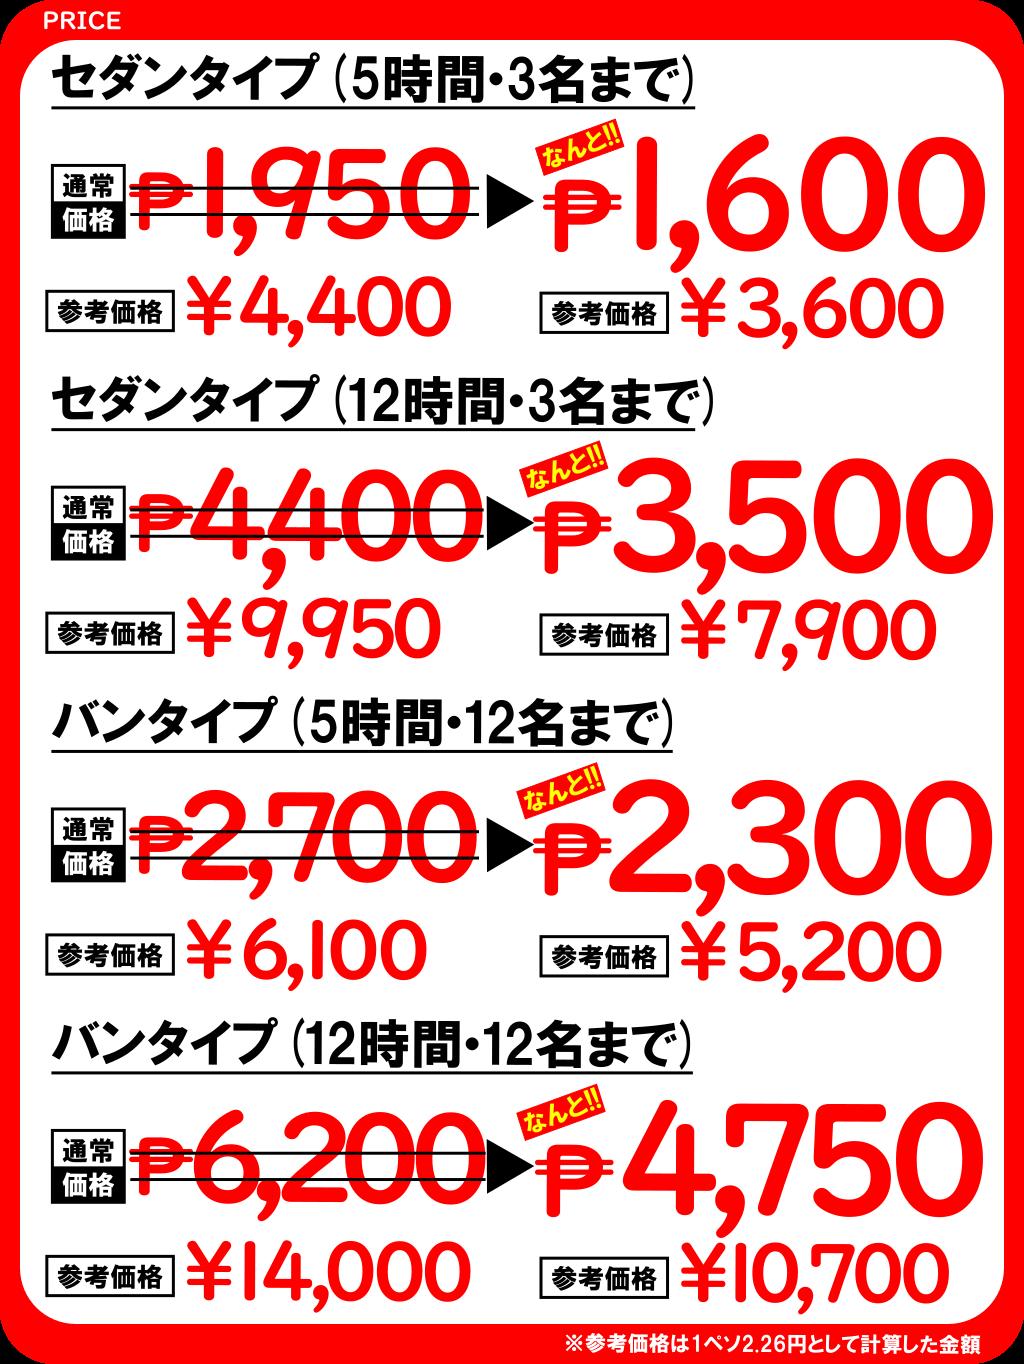 ガイドと専用車の価格表2019年